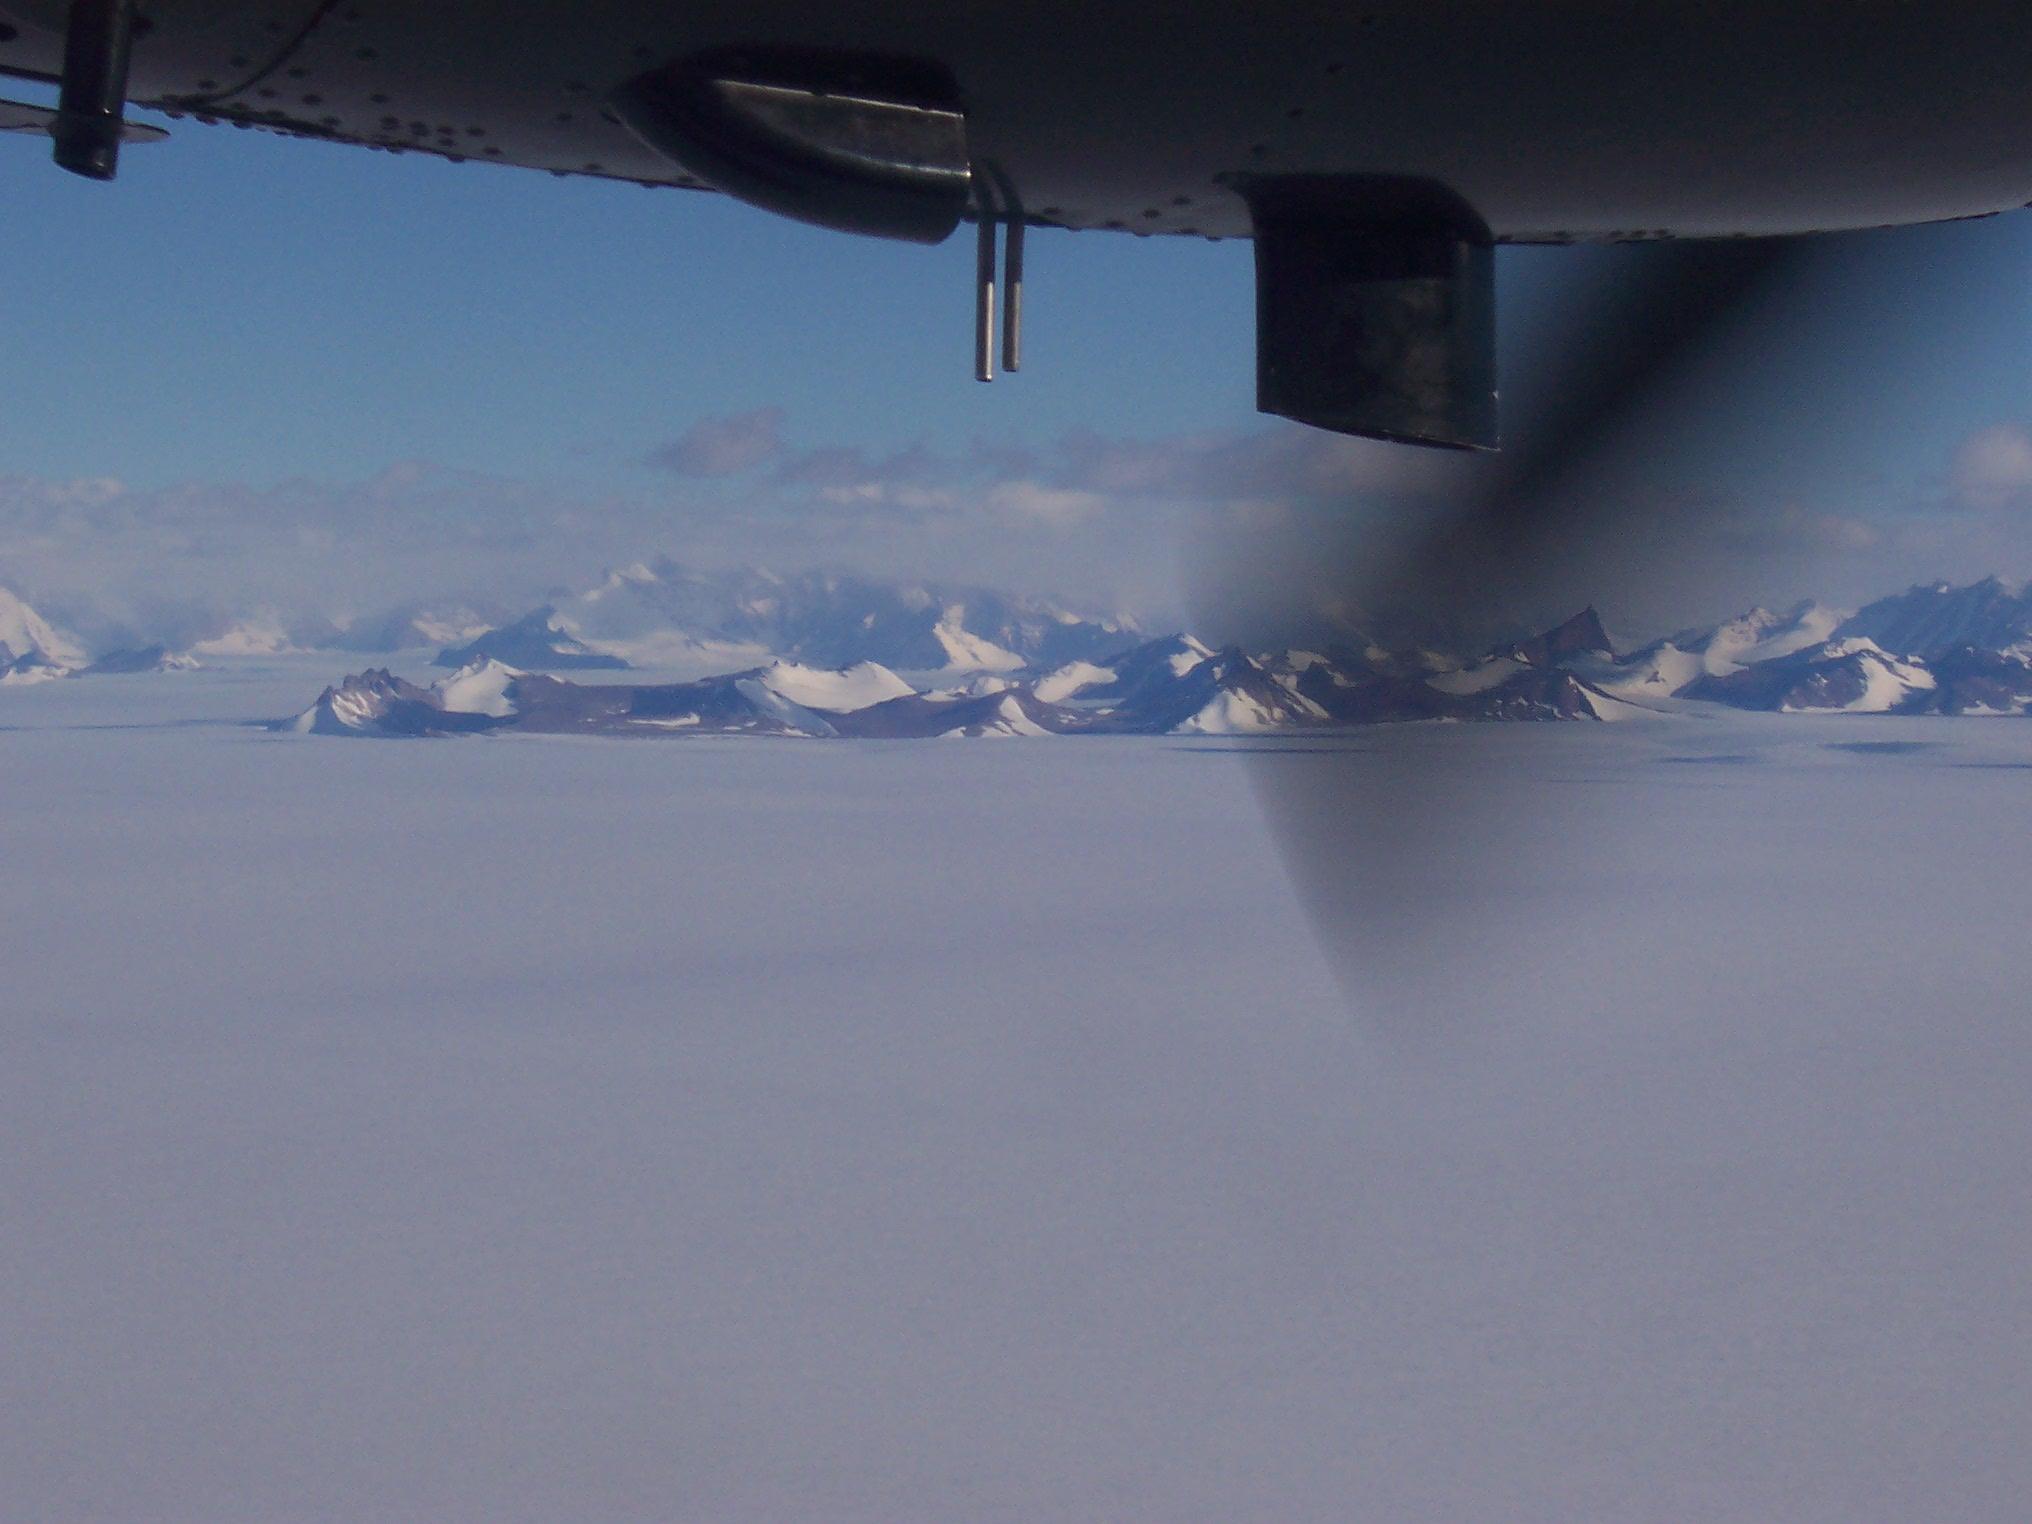 i-561da8755e820d8f5380929d3c6f1997-Flugzeug.jpg